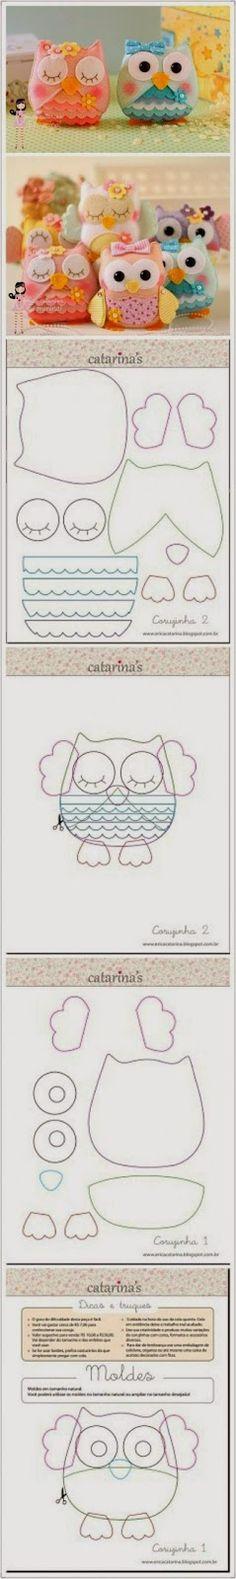 ♥Só idéias♥: coruja em feltro